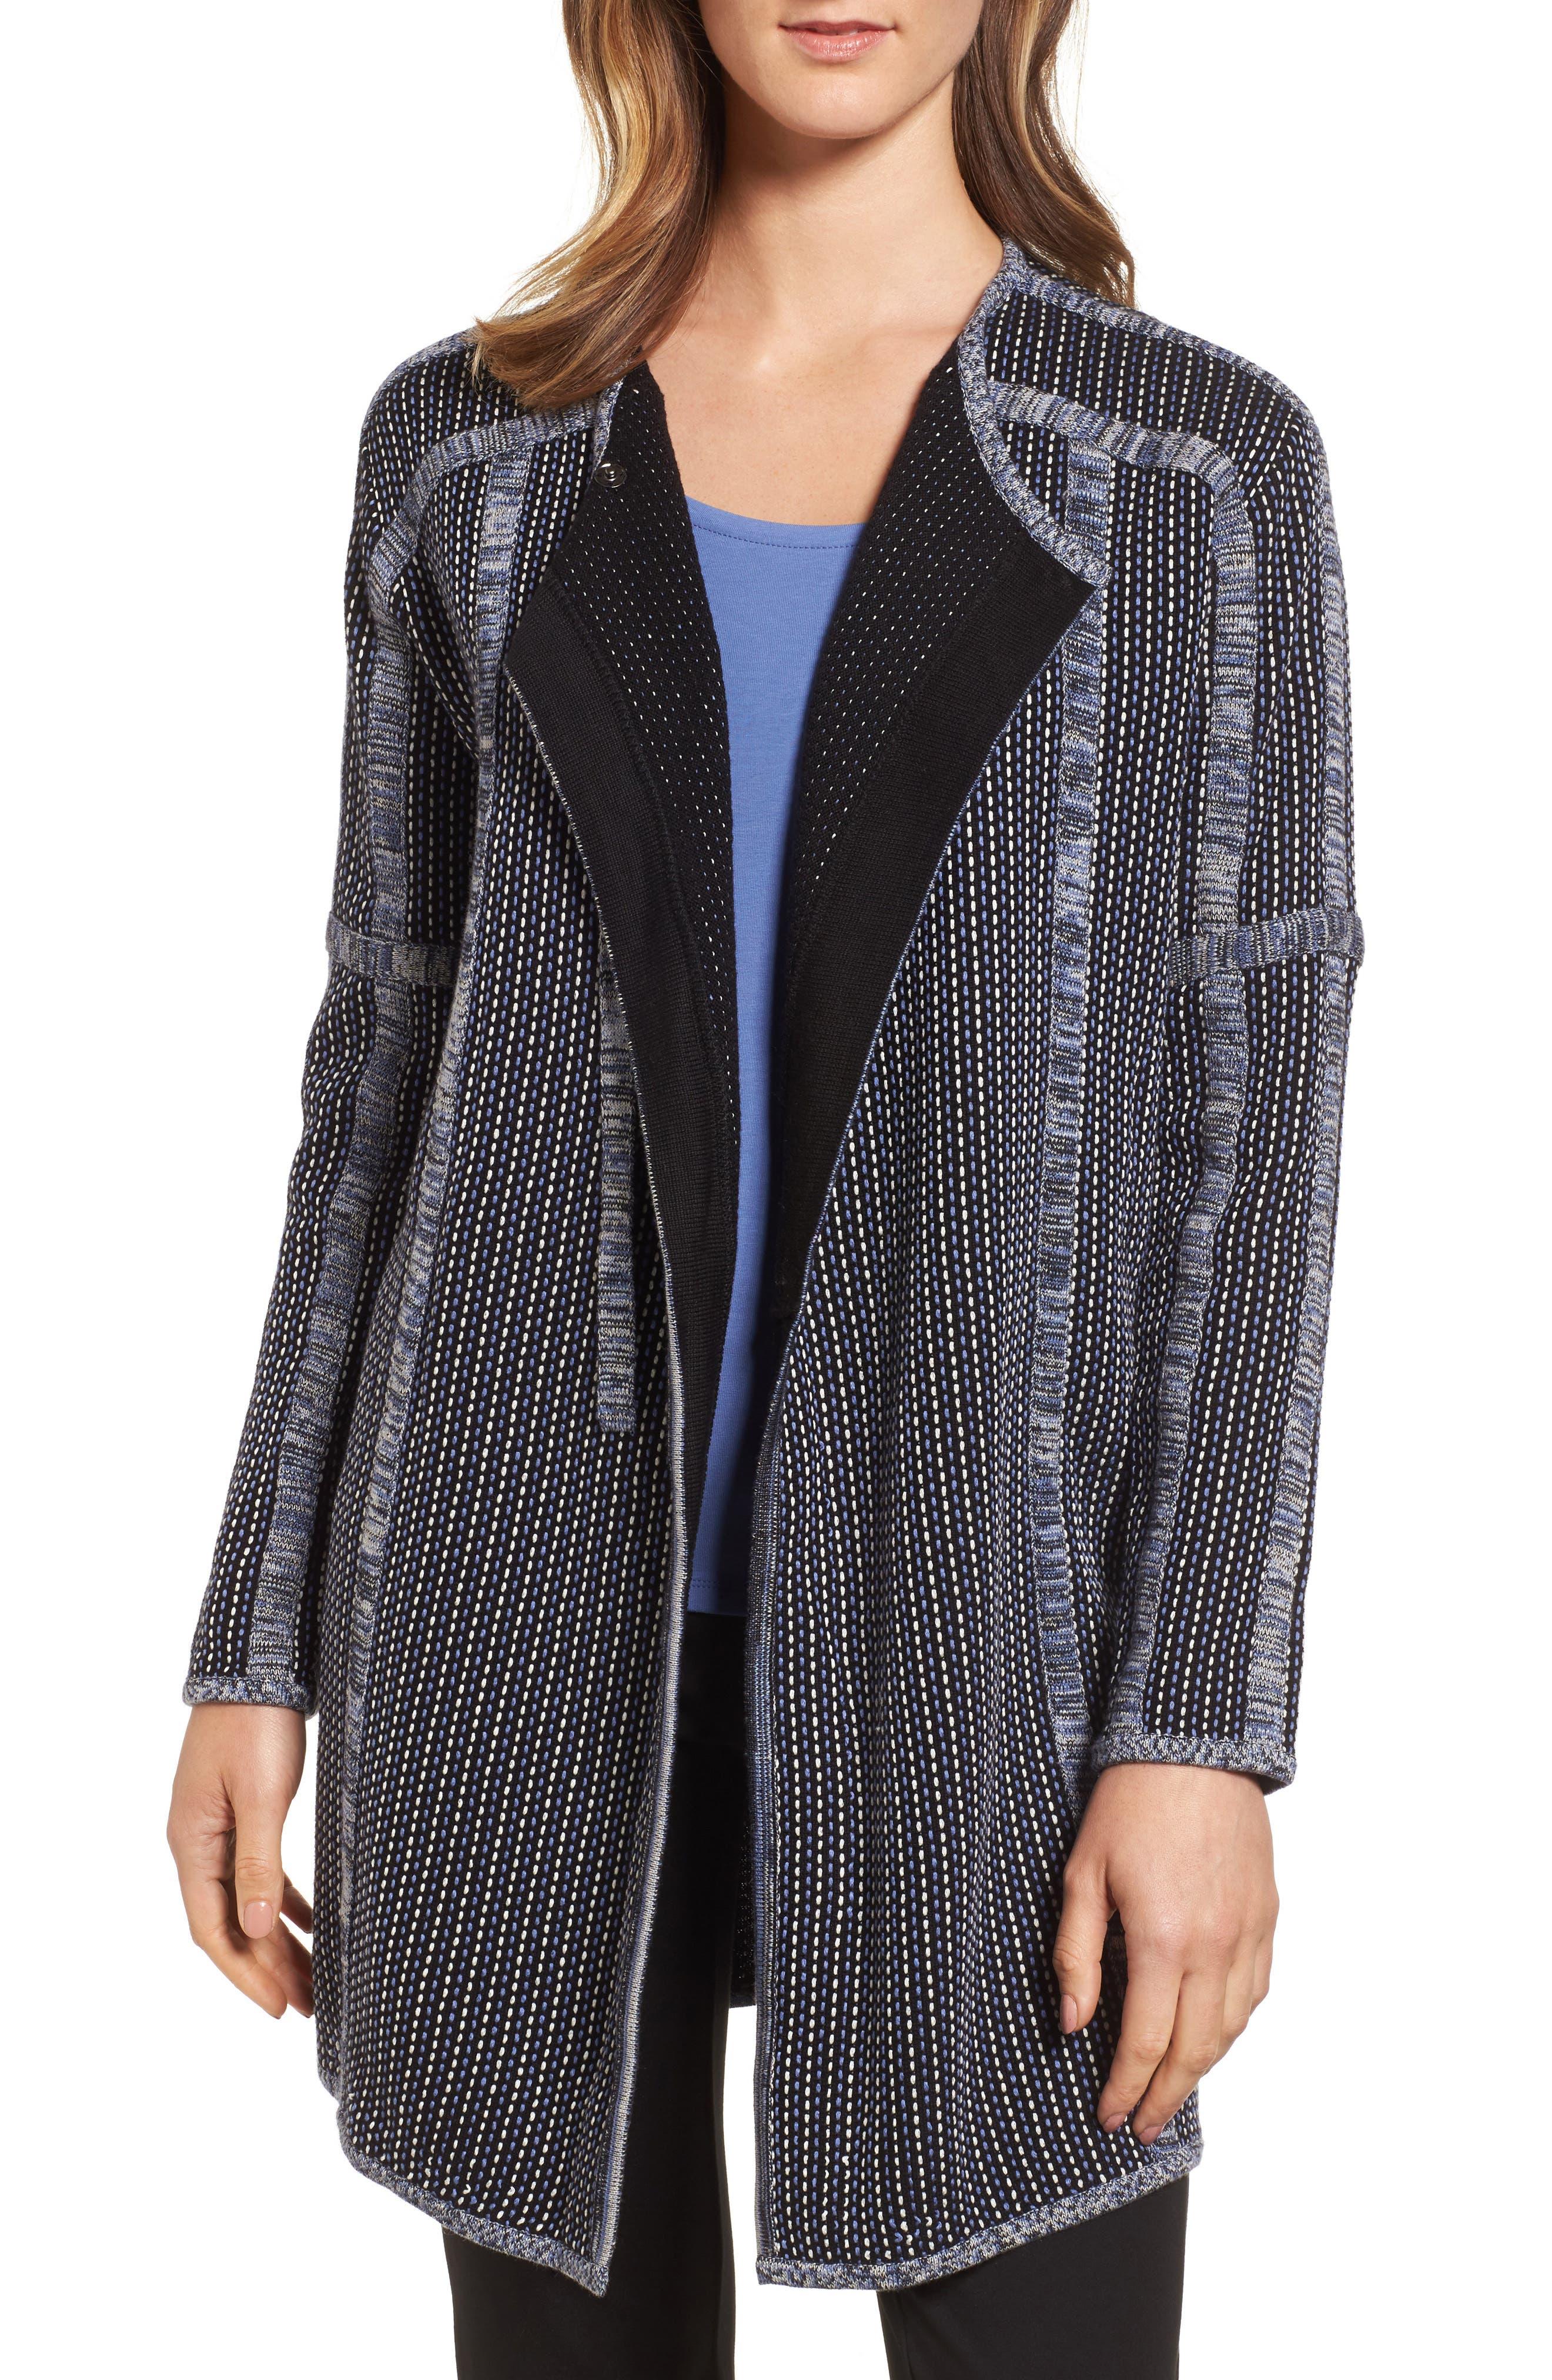 NIC+ZOE Nightsong Long Sweater Jacket